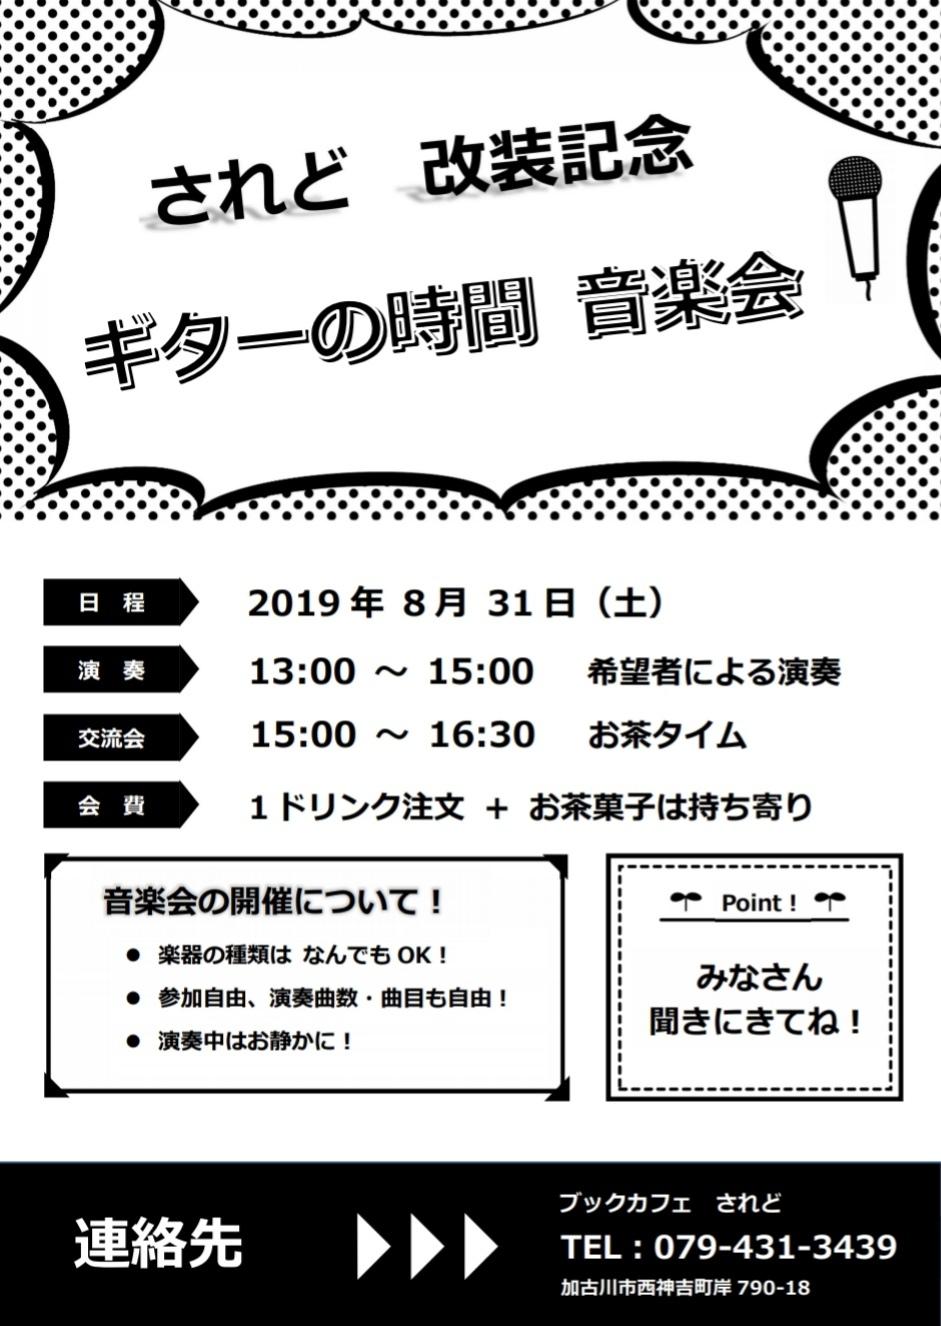 """明日は""""ギターの時間音楽会""""_a0111166_06194498.jpg"""